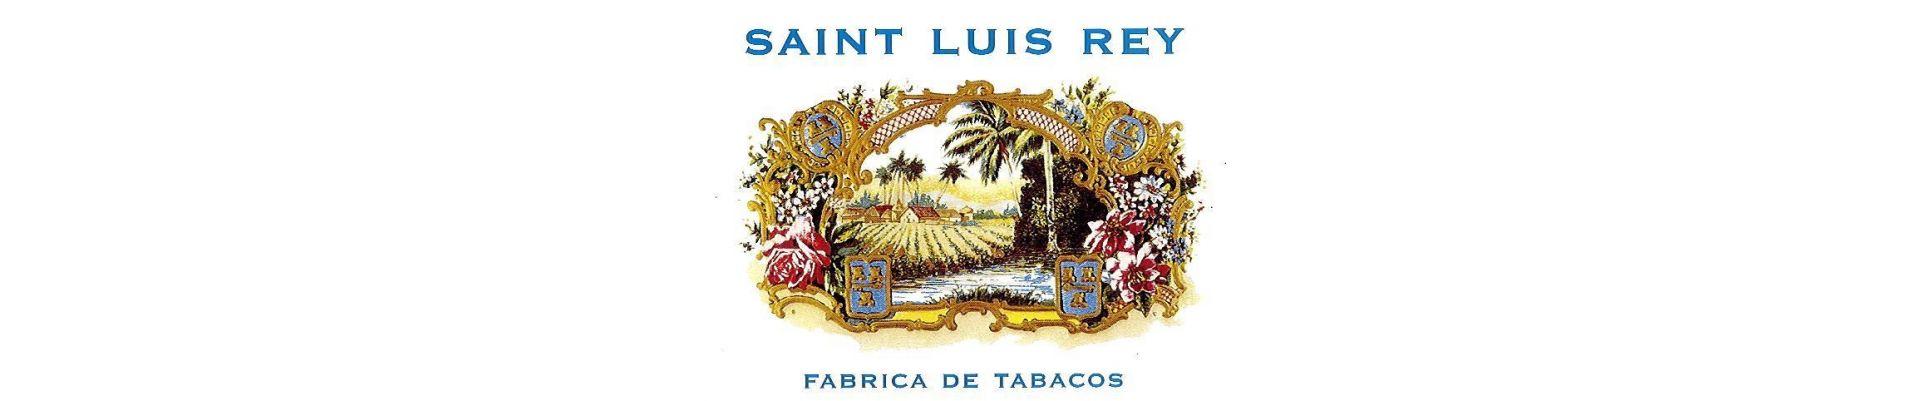 Trabucuri Saint Luis Rey trabucuri cubaneze Saint Luis Rey de vanzare